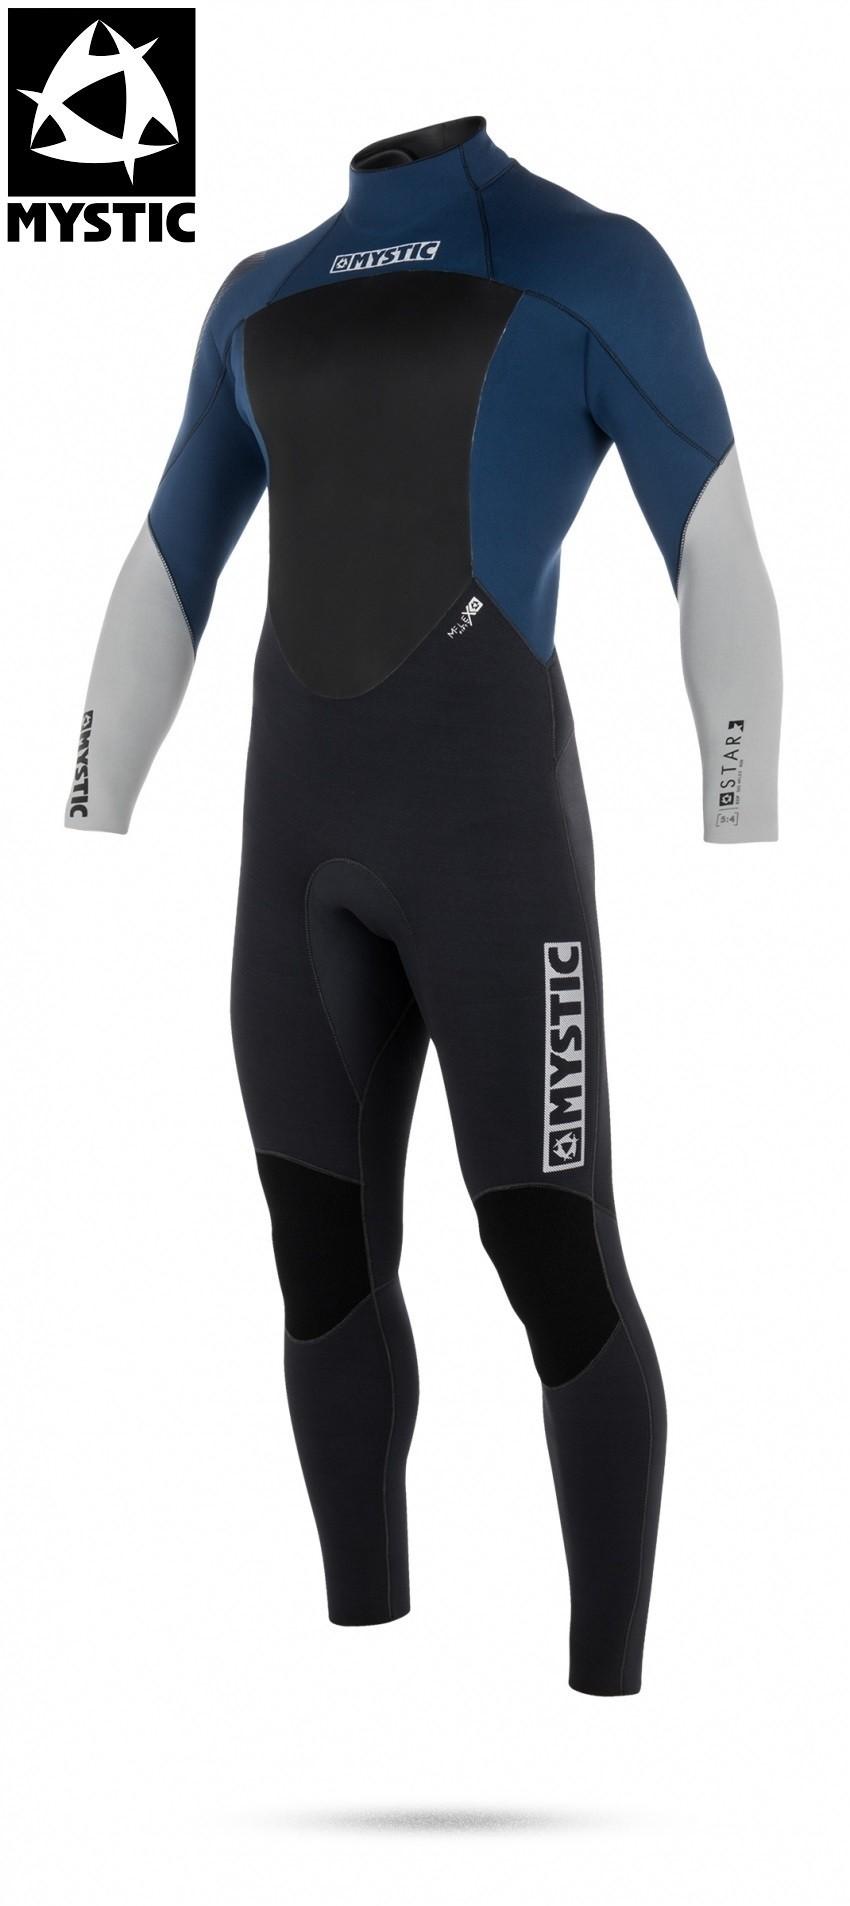 Mystic wetsuit Star 5/4 back-zip